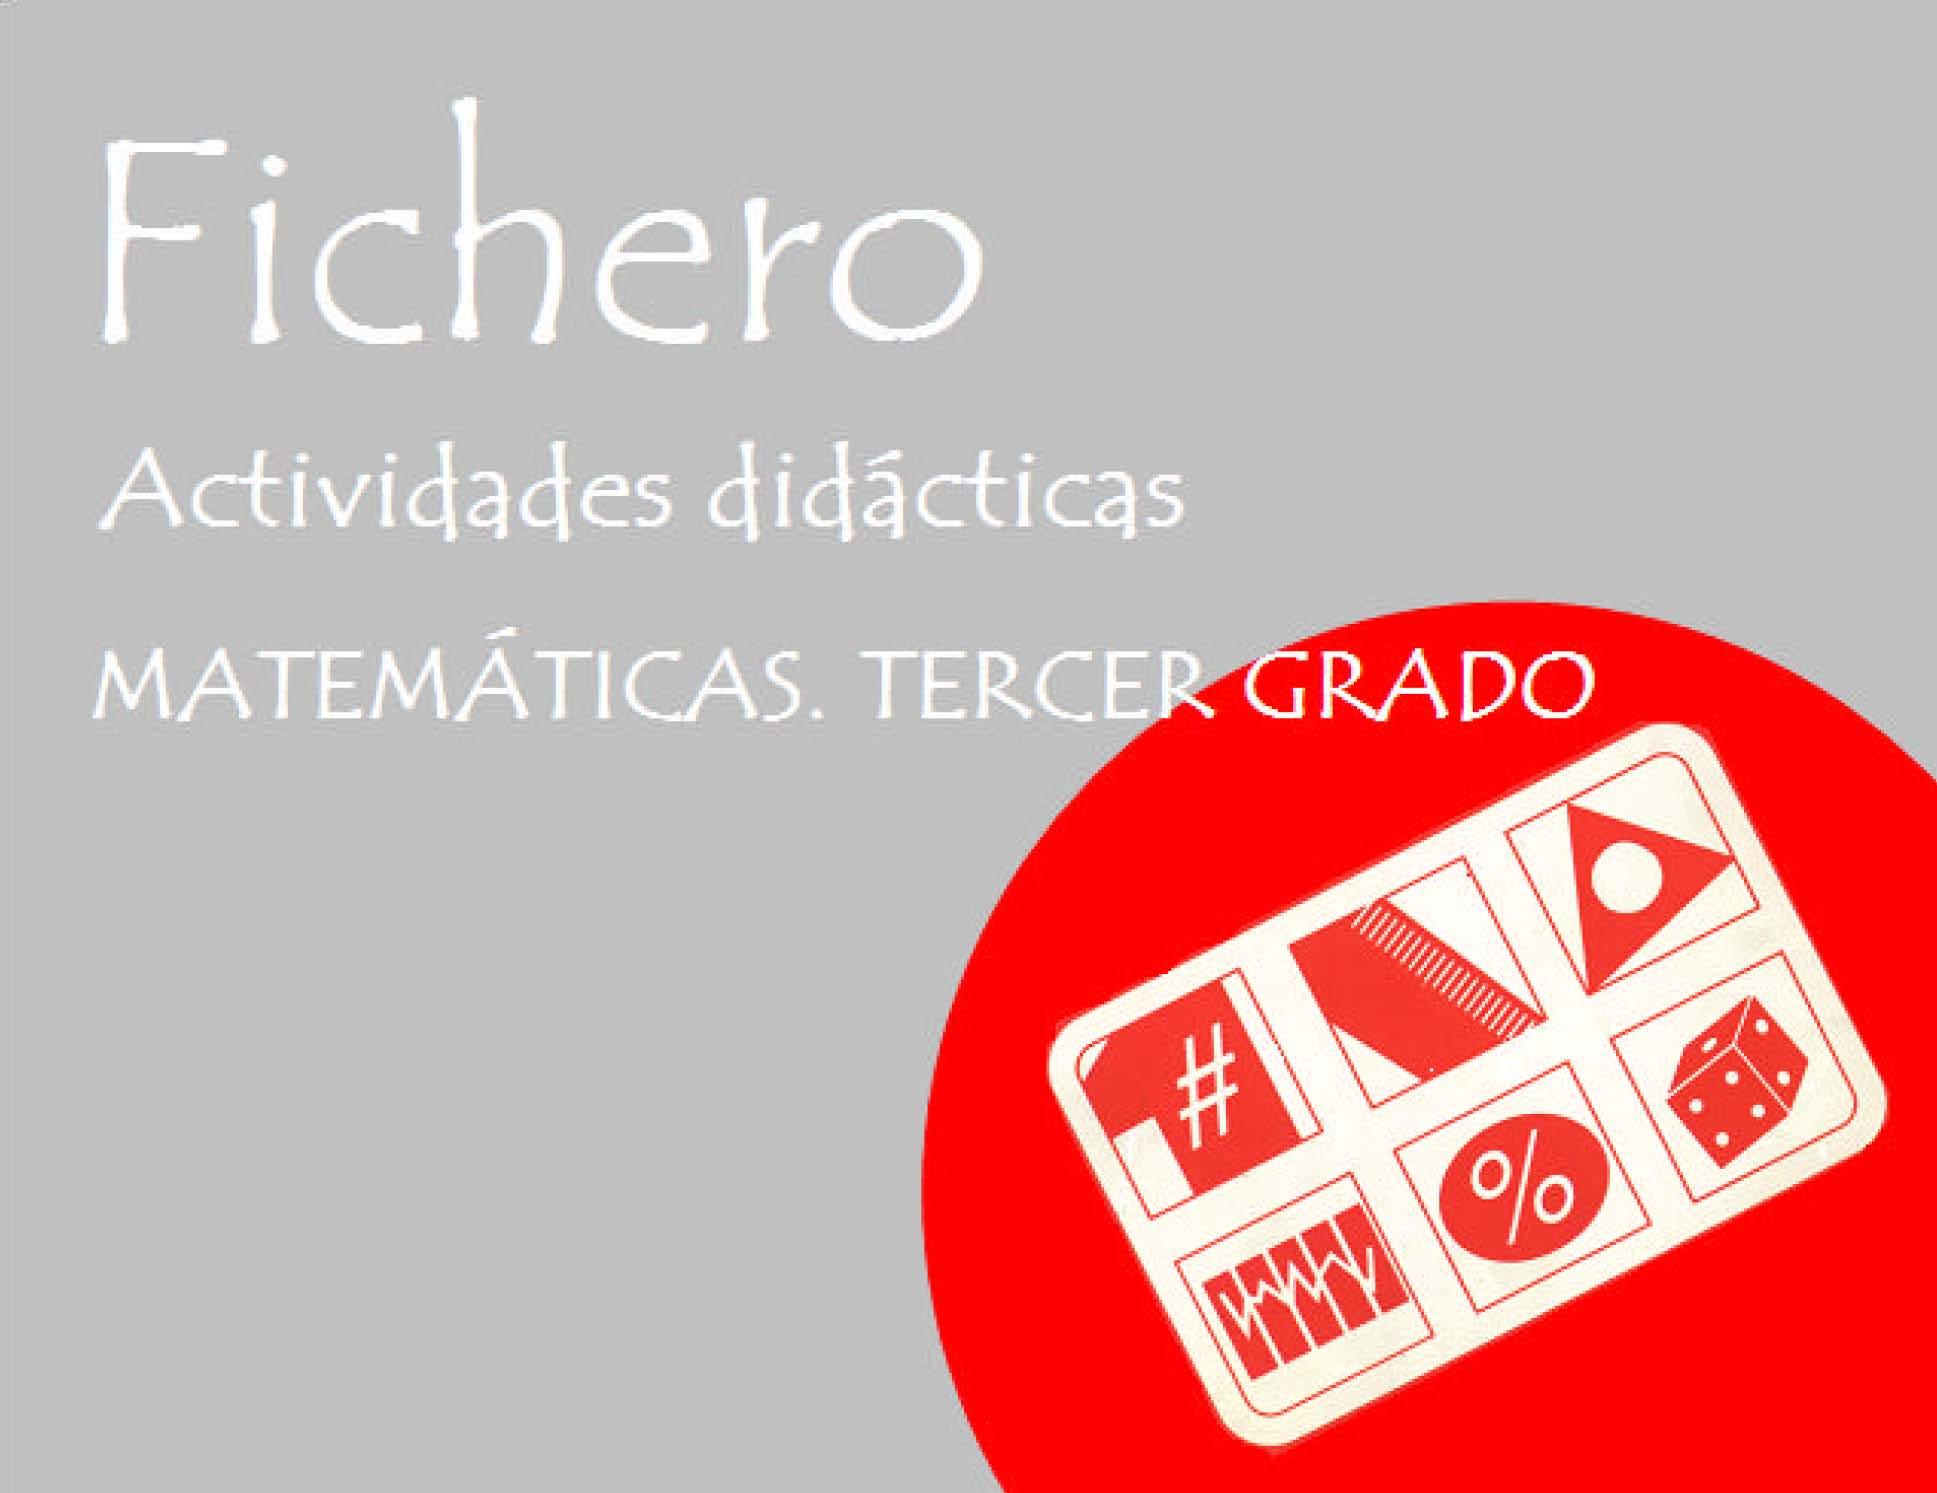 Coleccion de Actividades didácticas matemáticas tercero primaria o ...